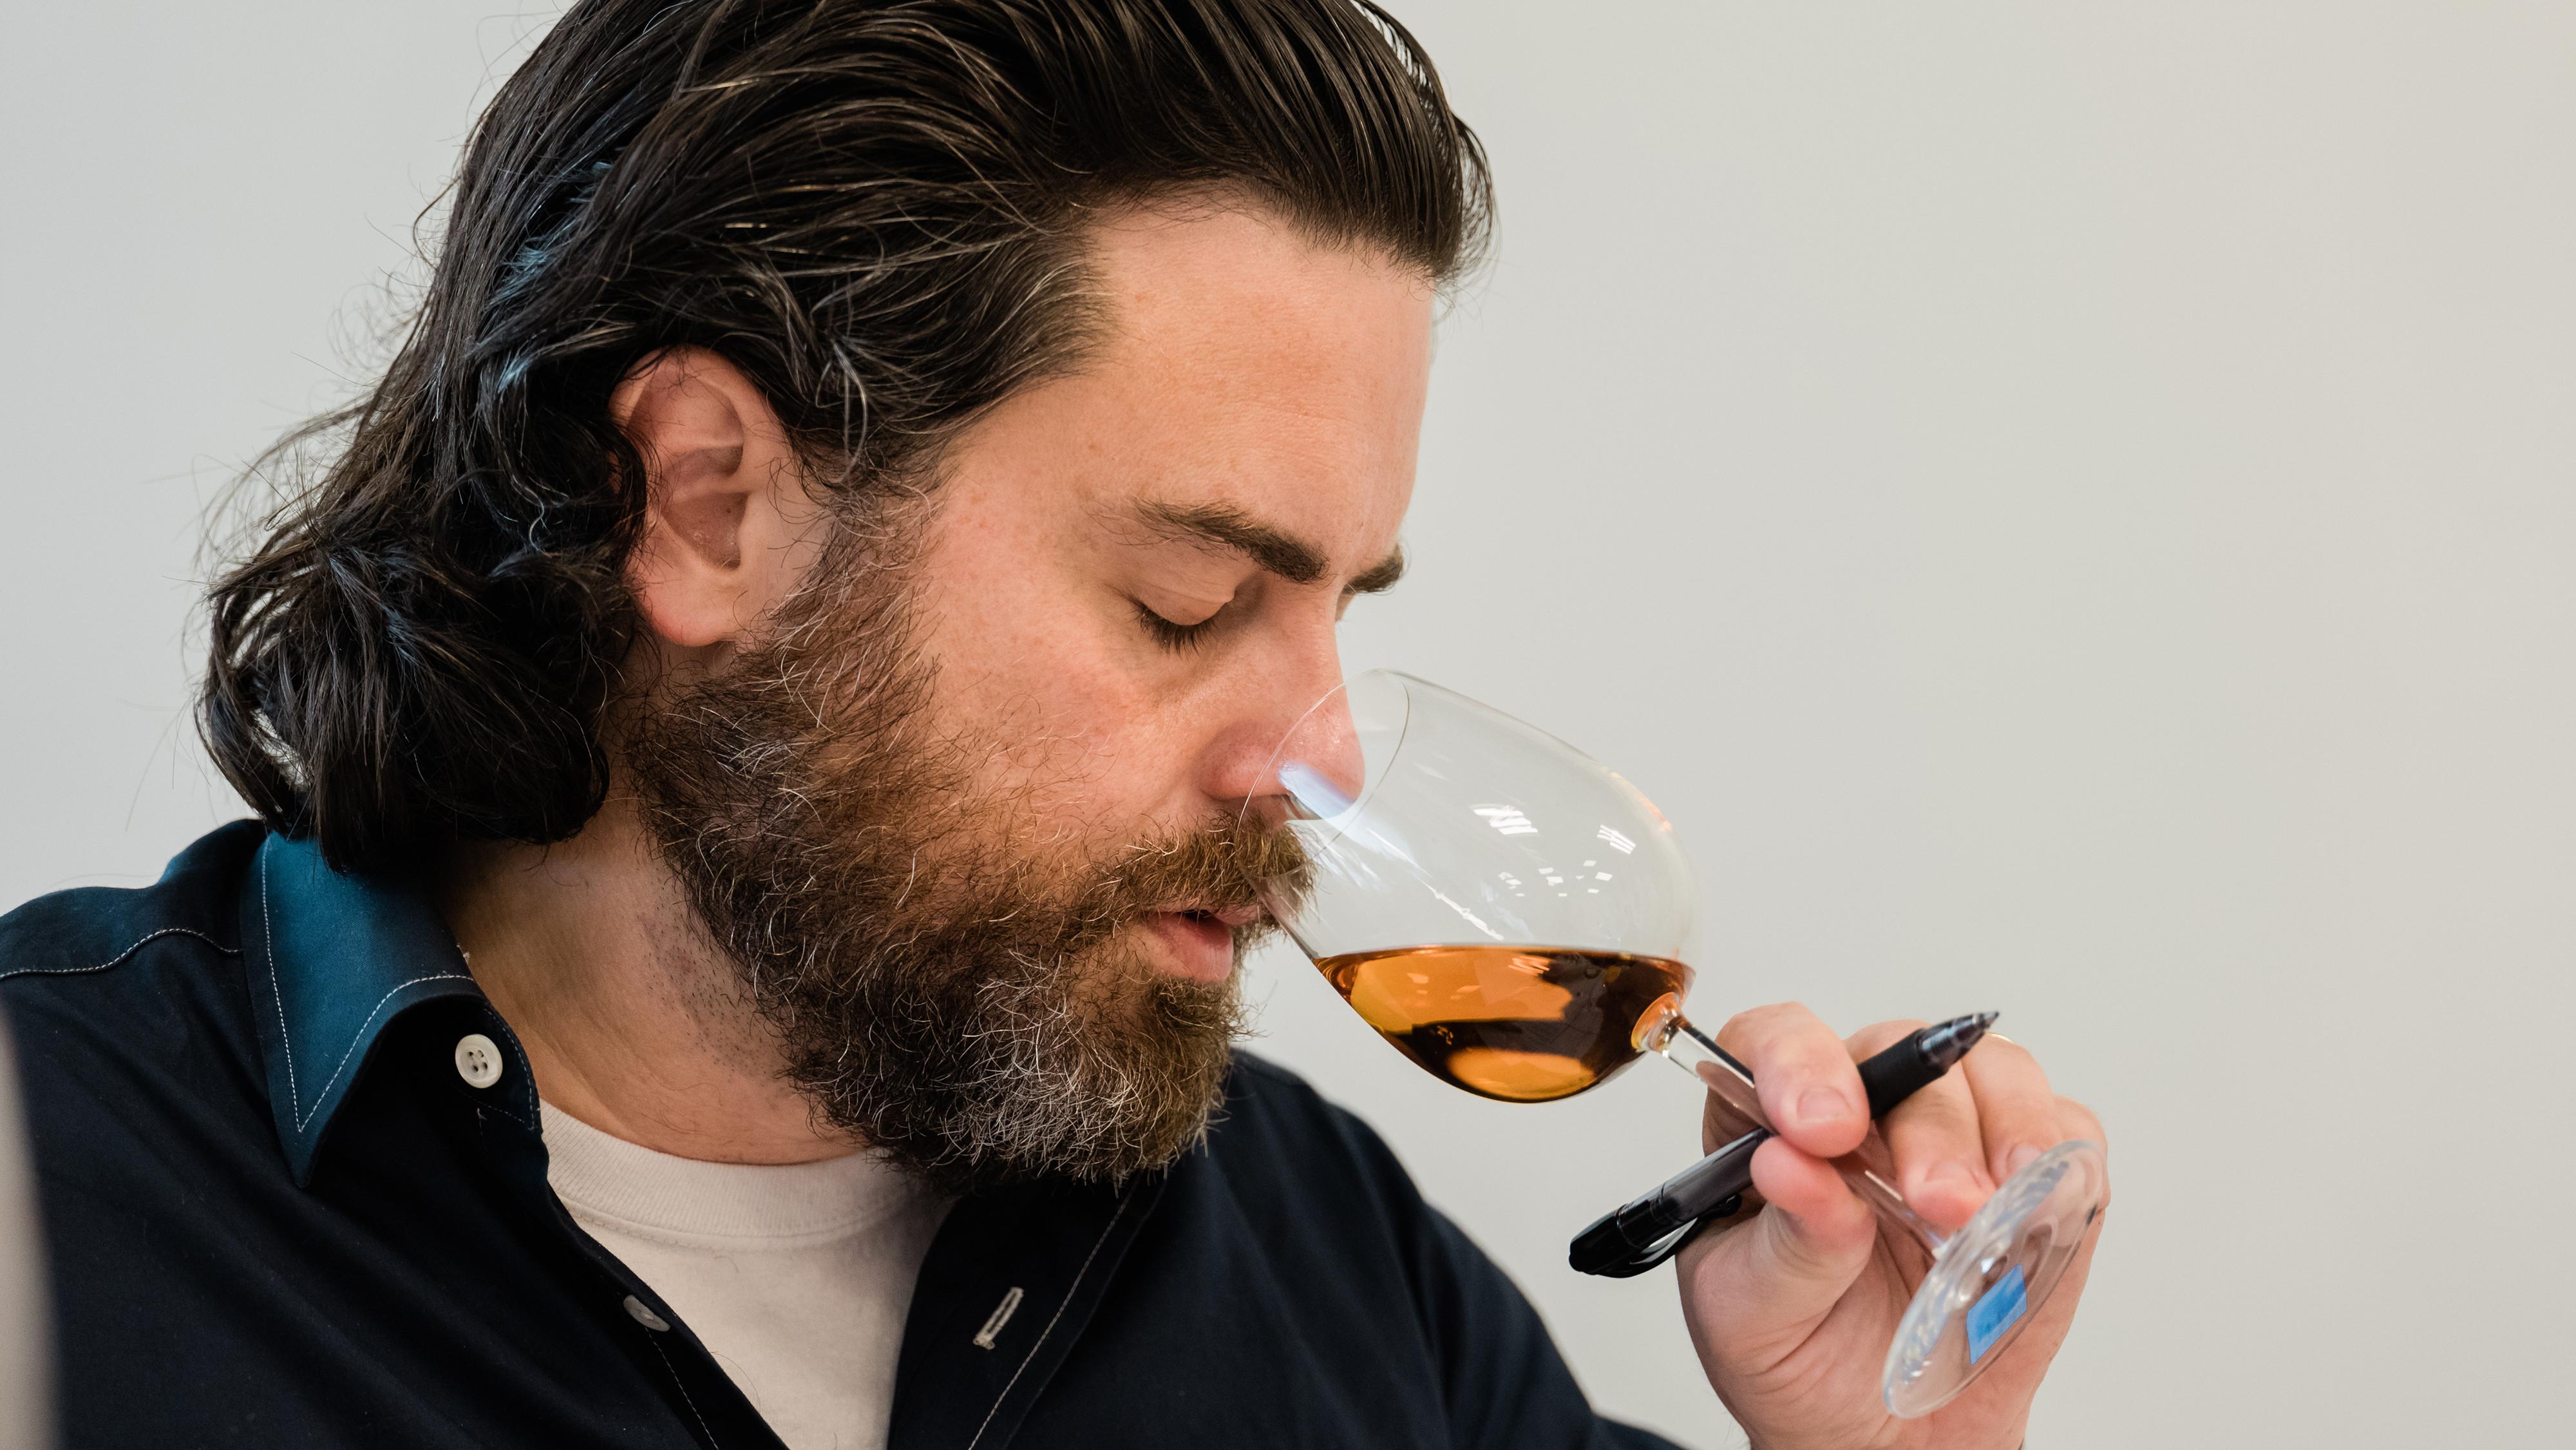 裕贡酒获赞2021世界烈酒挑战赛强烈推荐